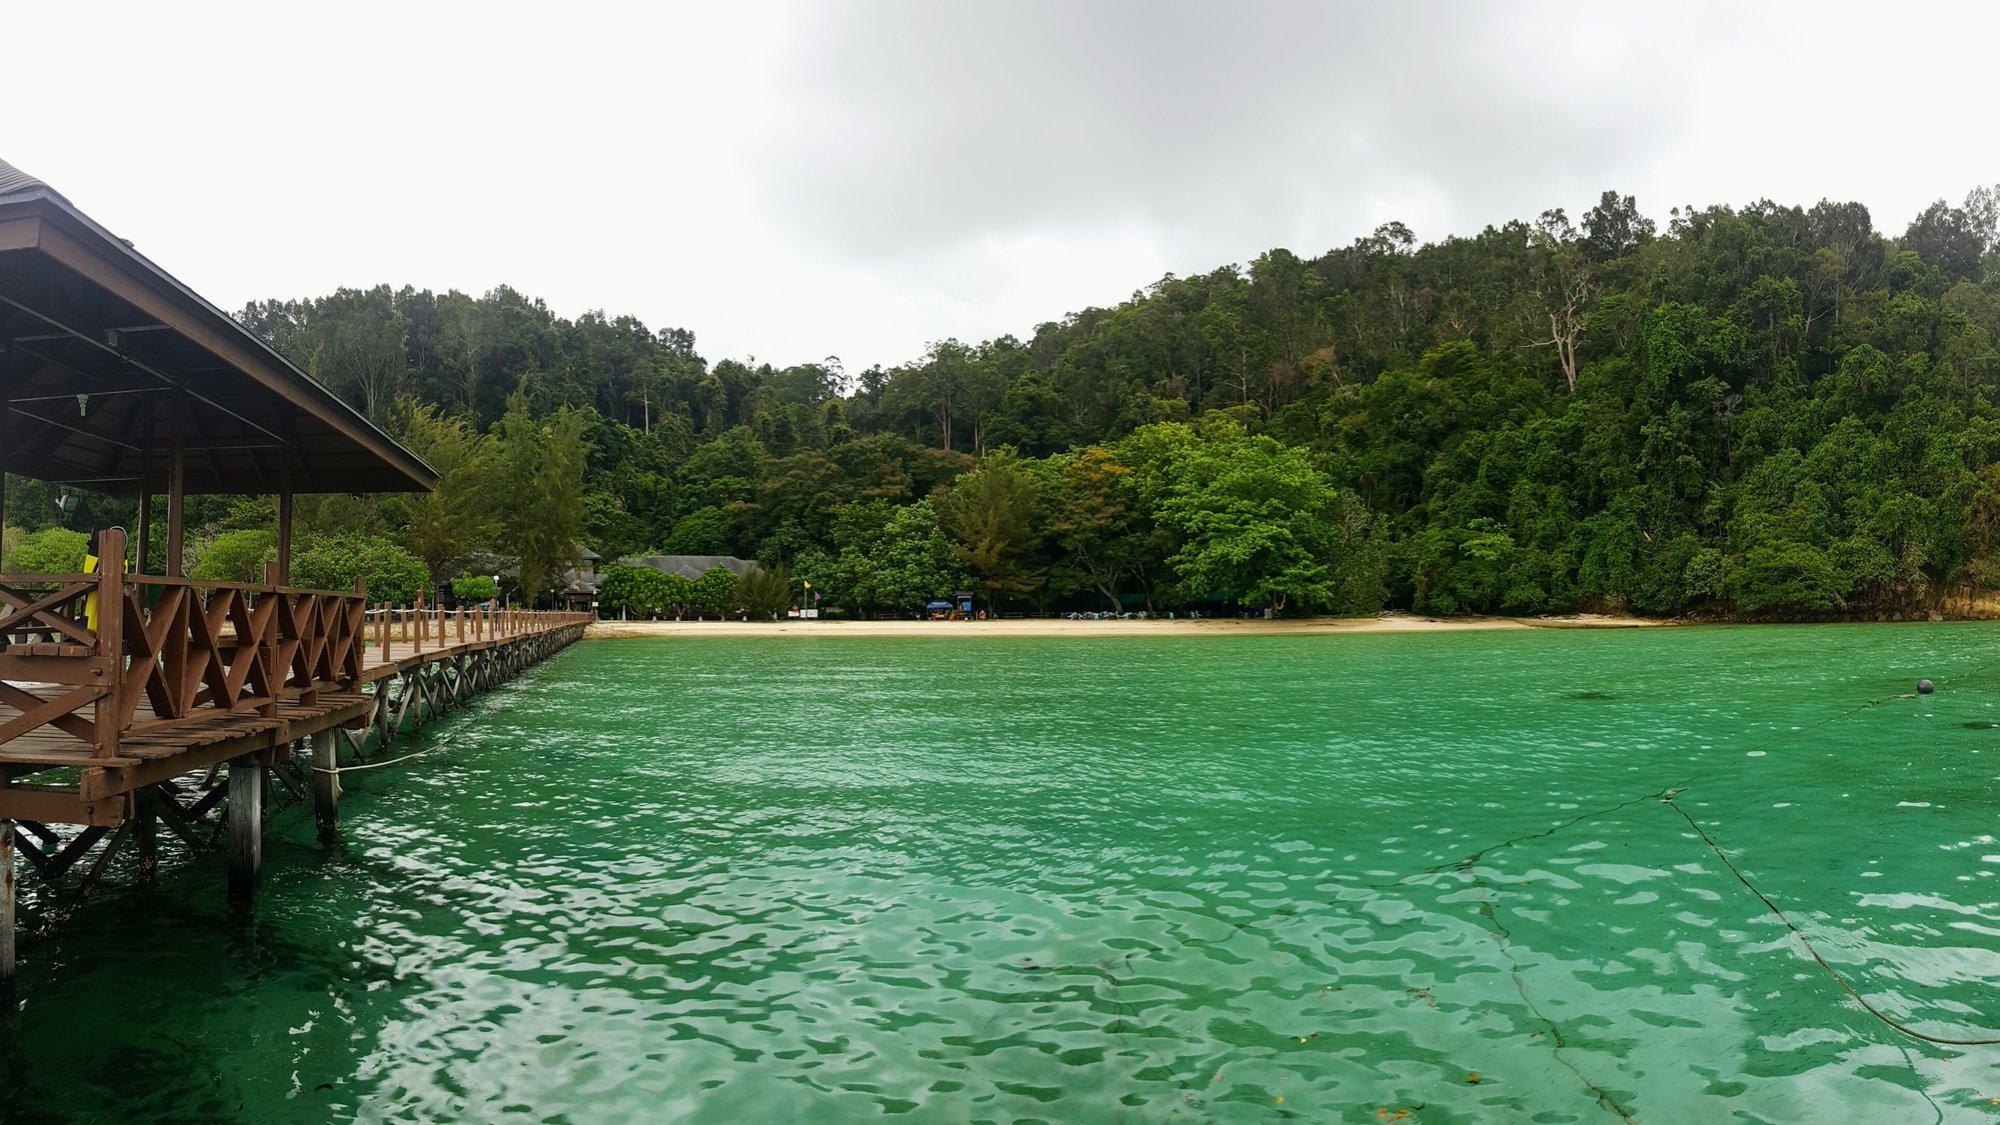 остров Гайя - пирс, откуда отчаливаются корабли и вид на пляж